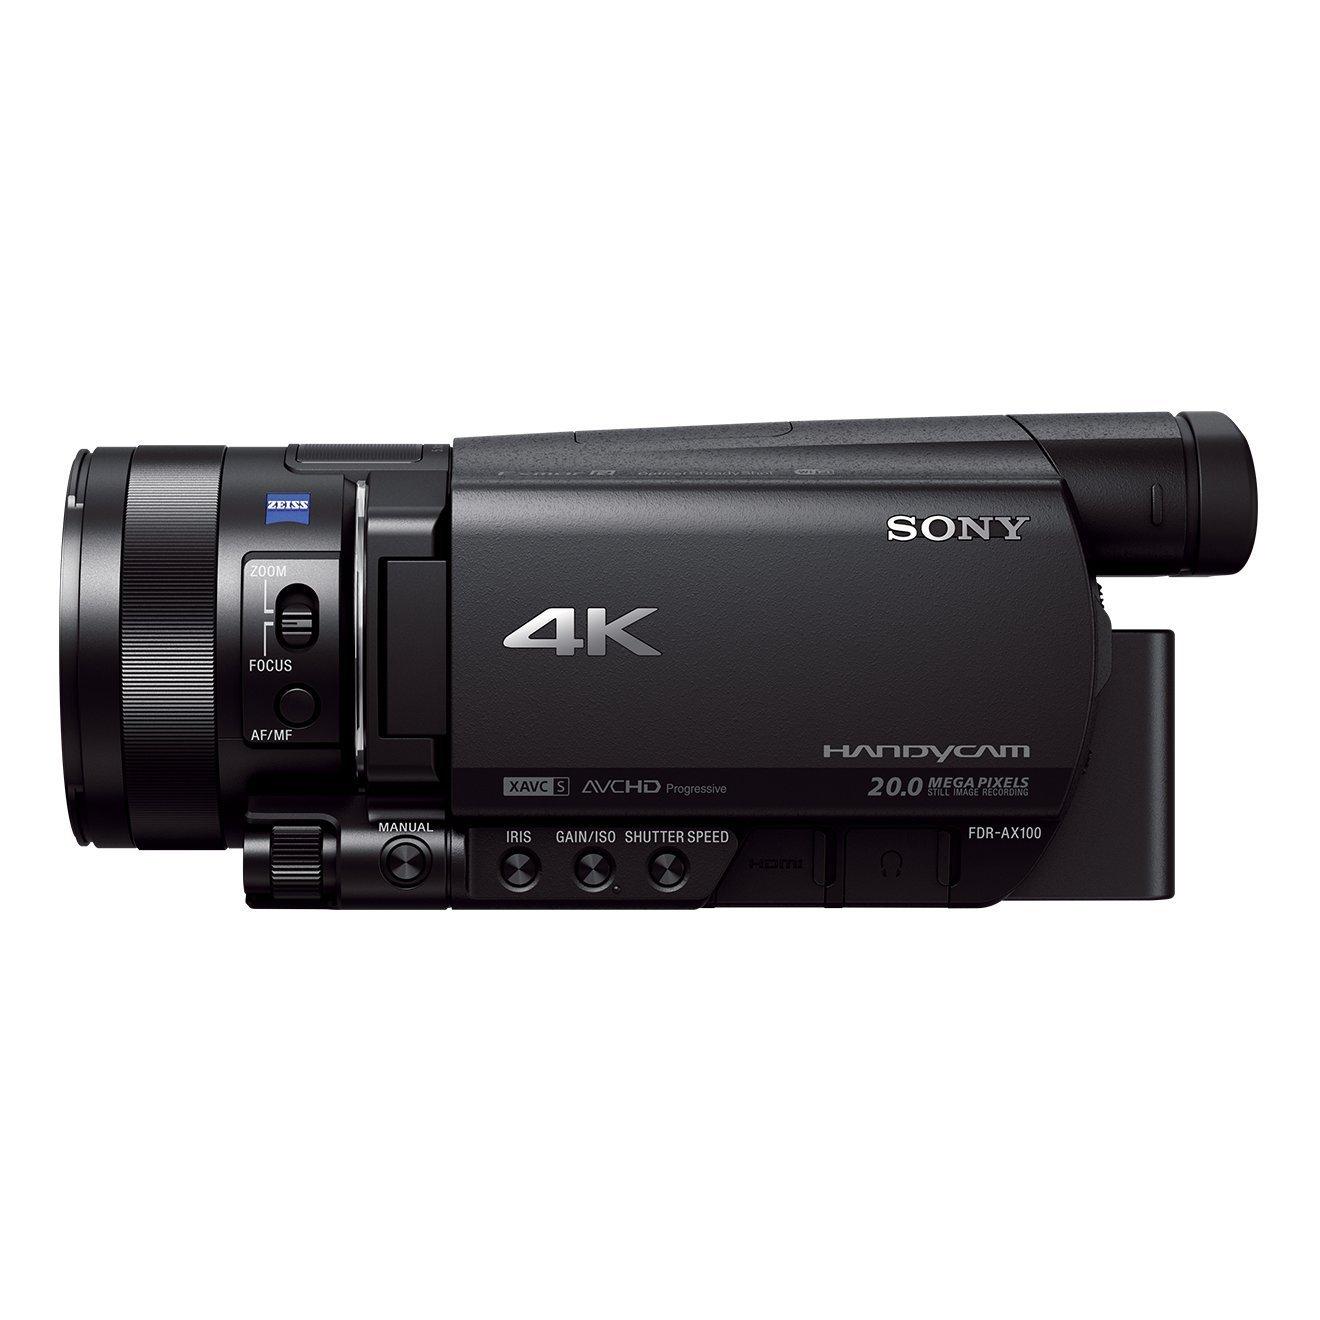 Statt bislang 1699€: Sony FDR AX100 - Prosumer-Camcorder für Liebhaber! AX53 und AX33 ebenfalls reduziert!